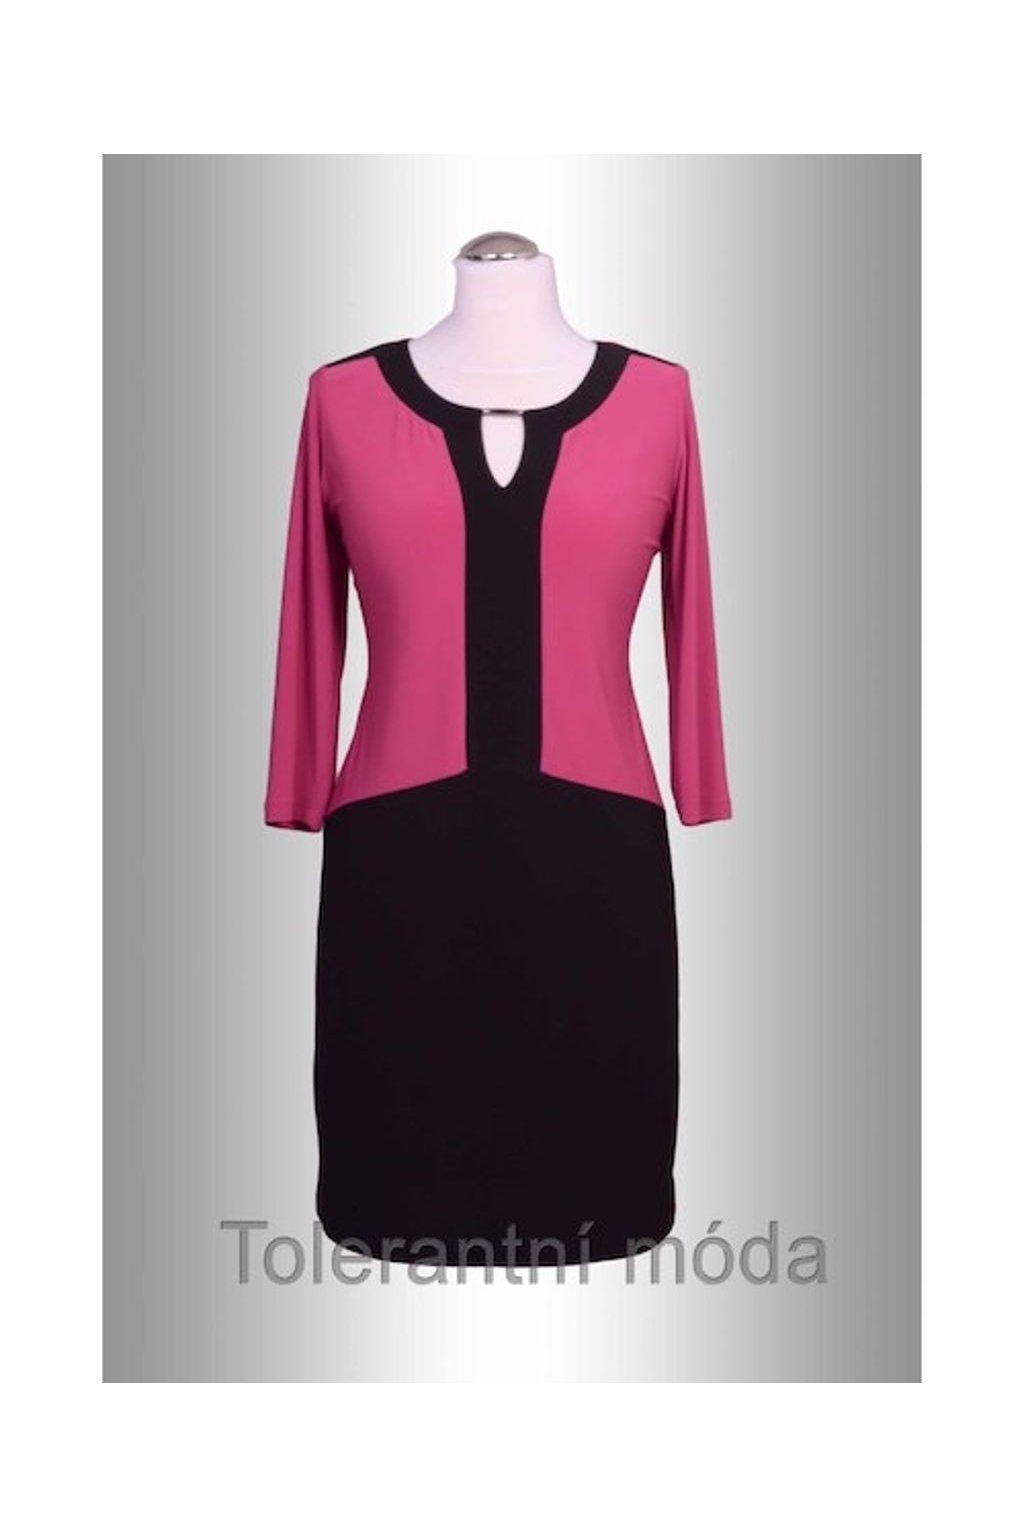 Šaty dvoubarevné sponka (Velikost 38, Barva Růžová)